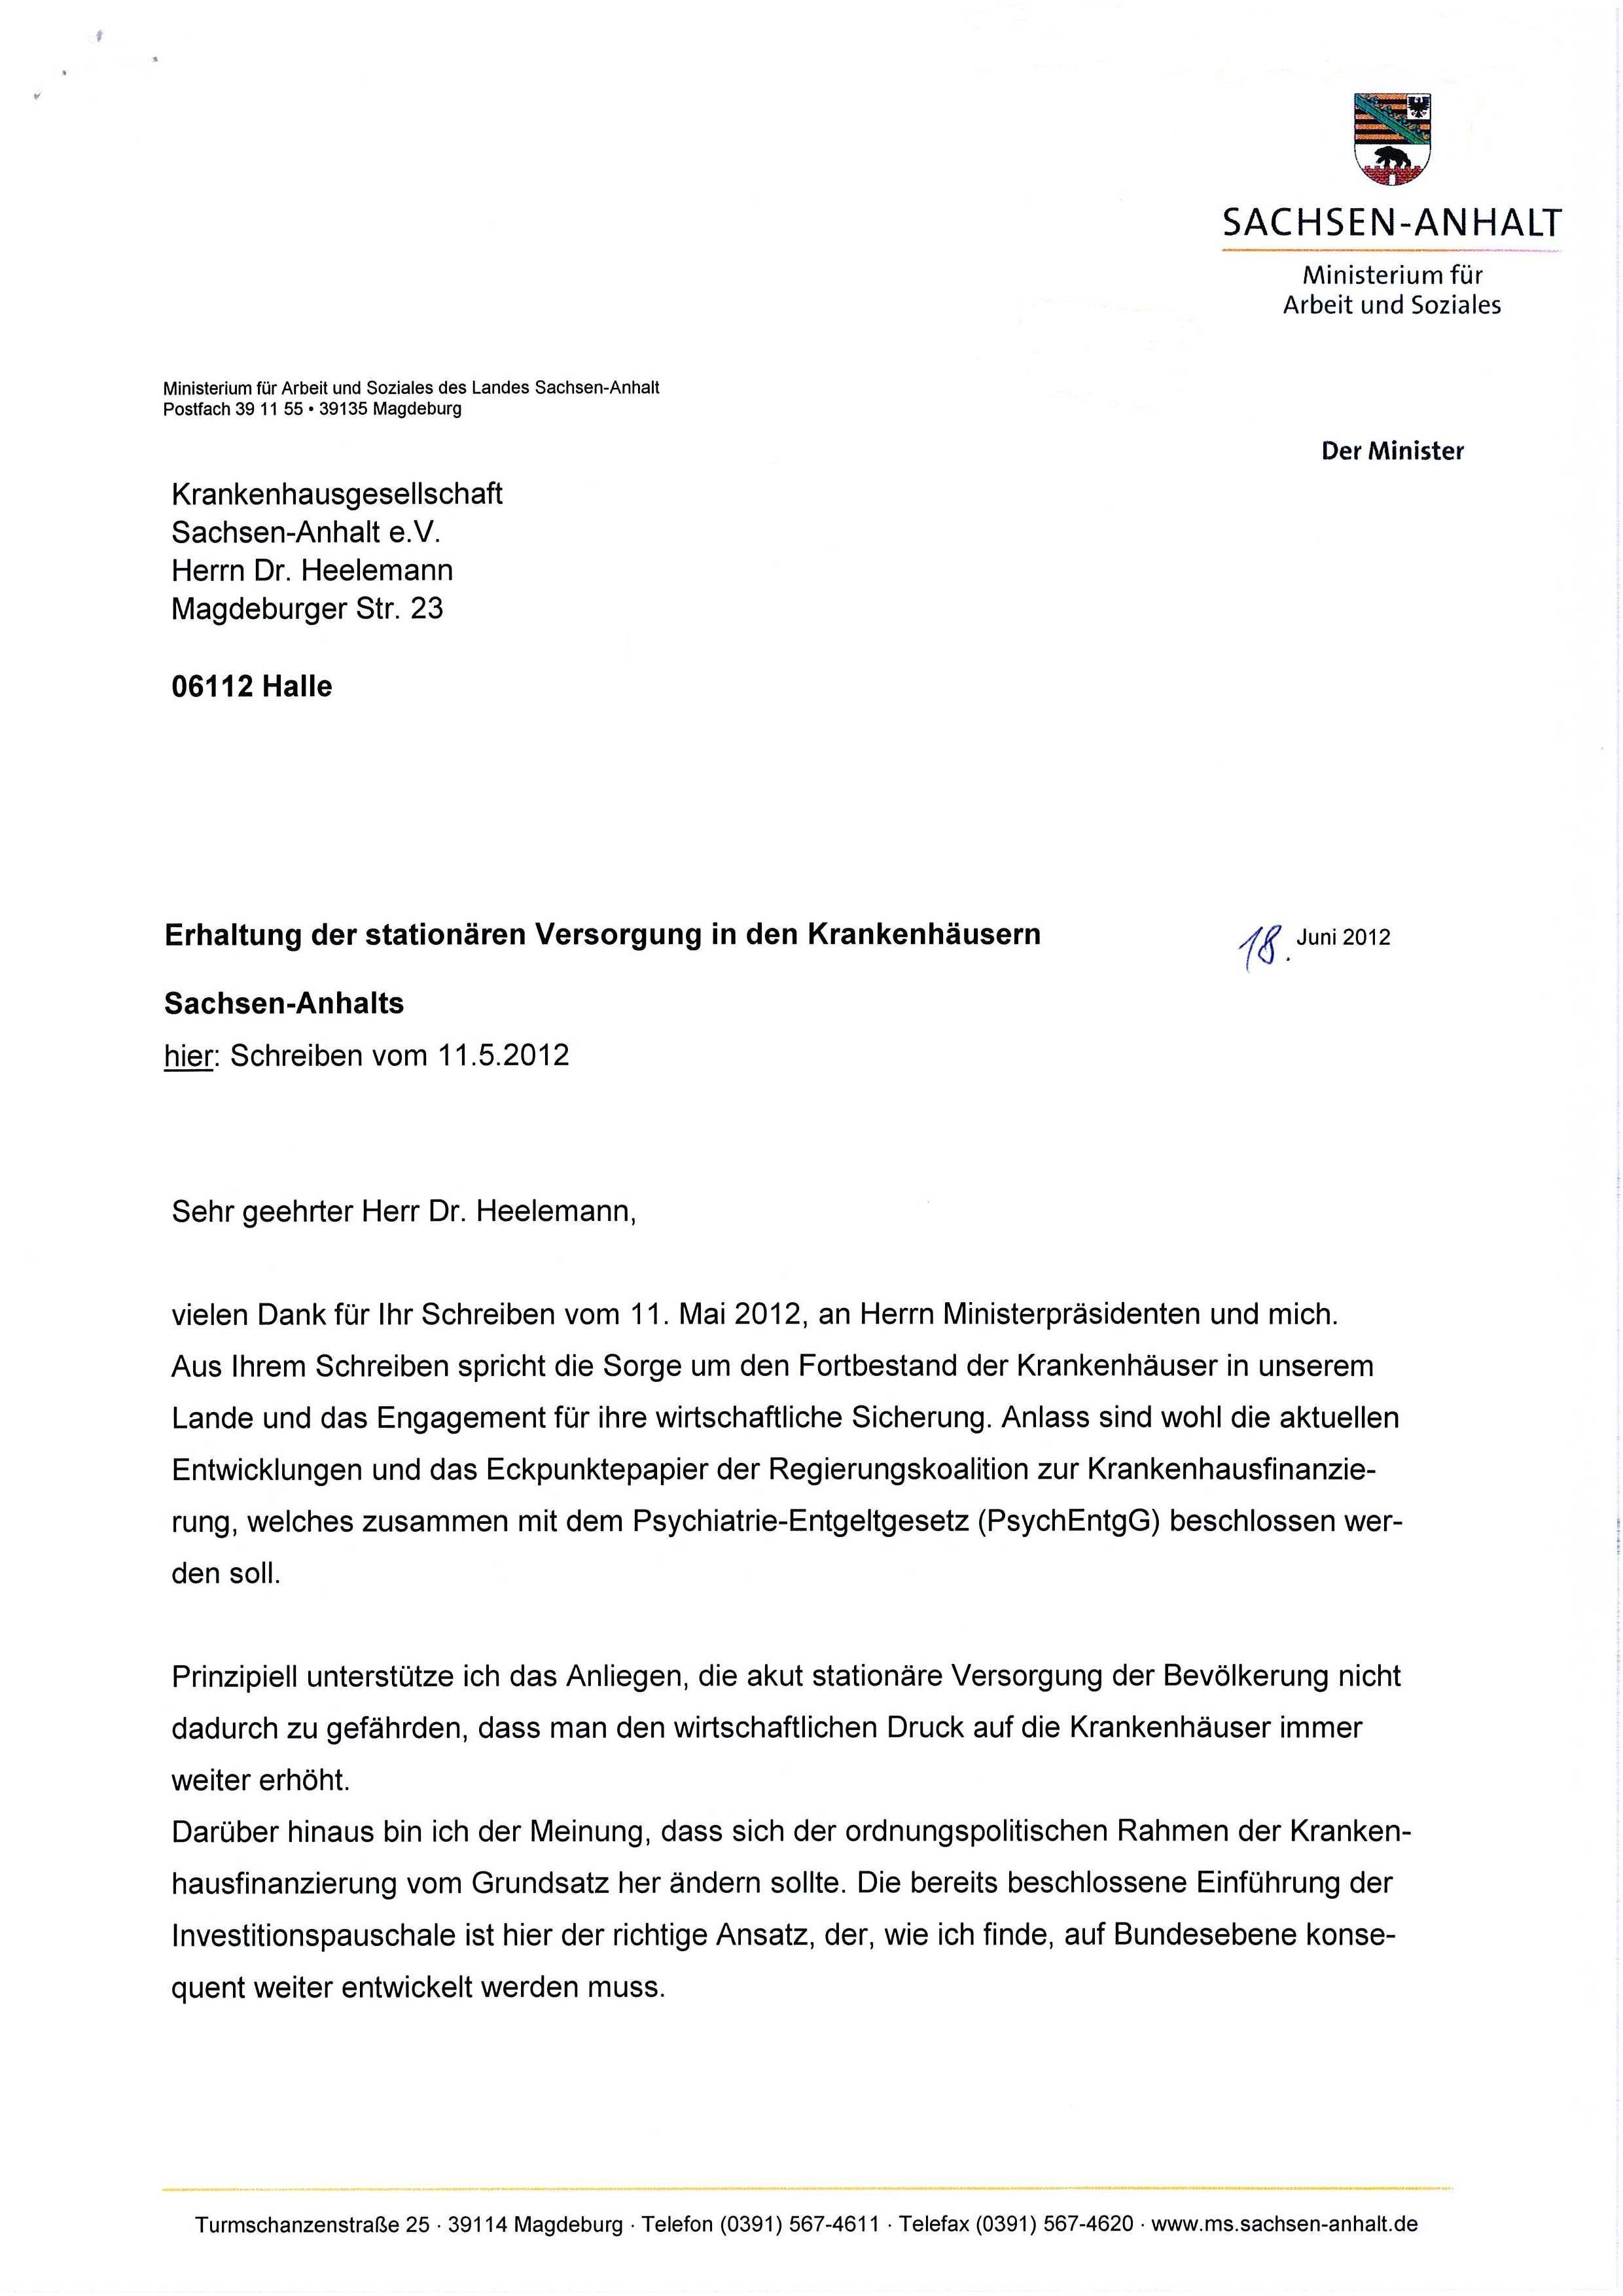 Großartig Kopfteil Und Bettrahmensatz Ideen - Rahmen Ideen ...